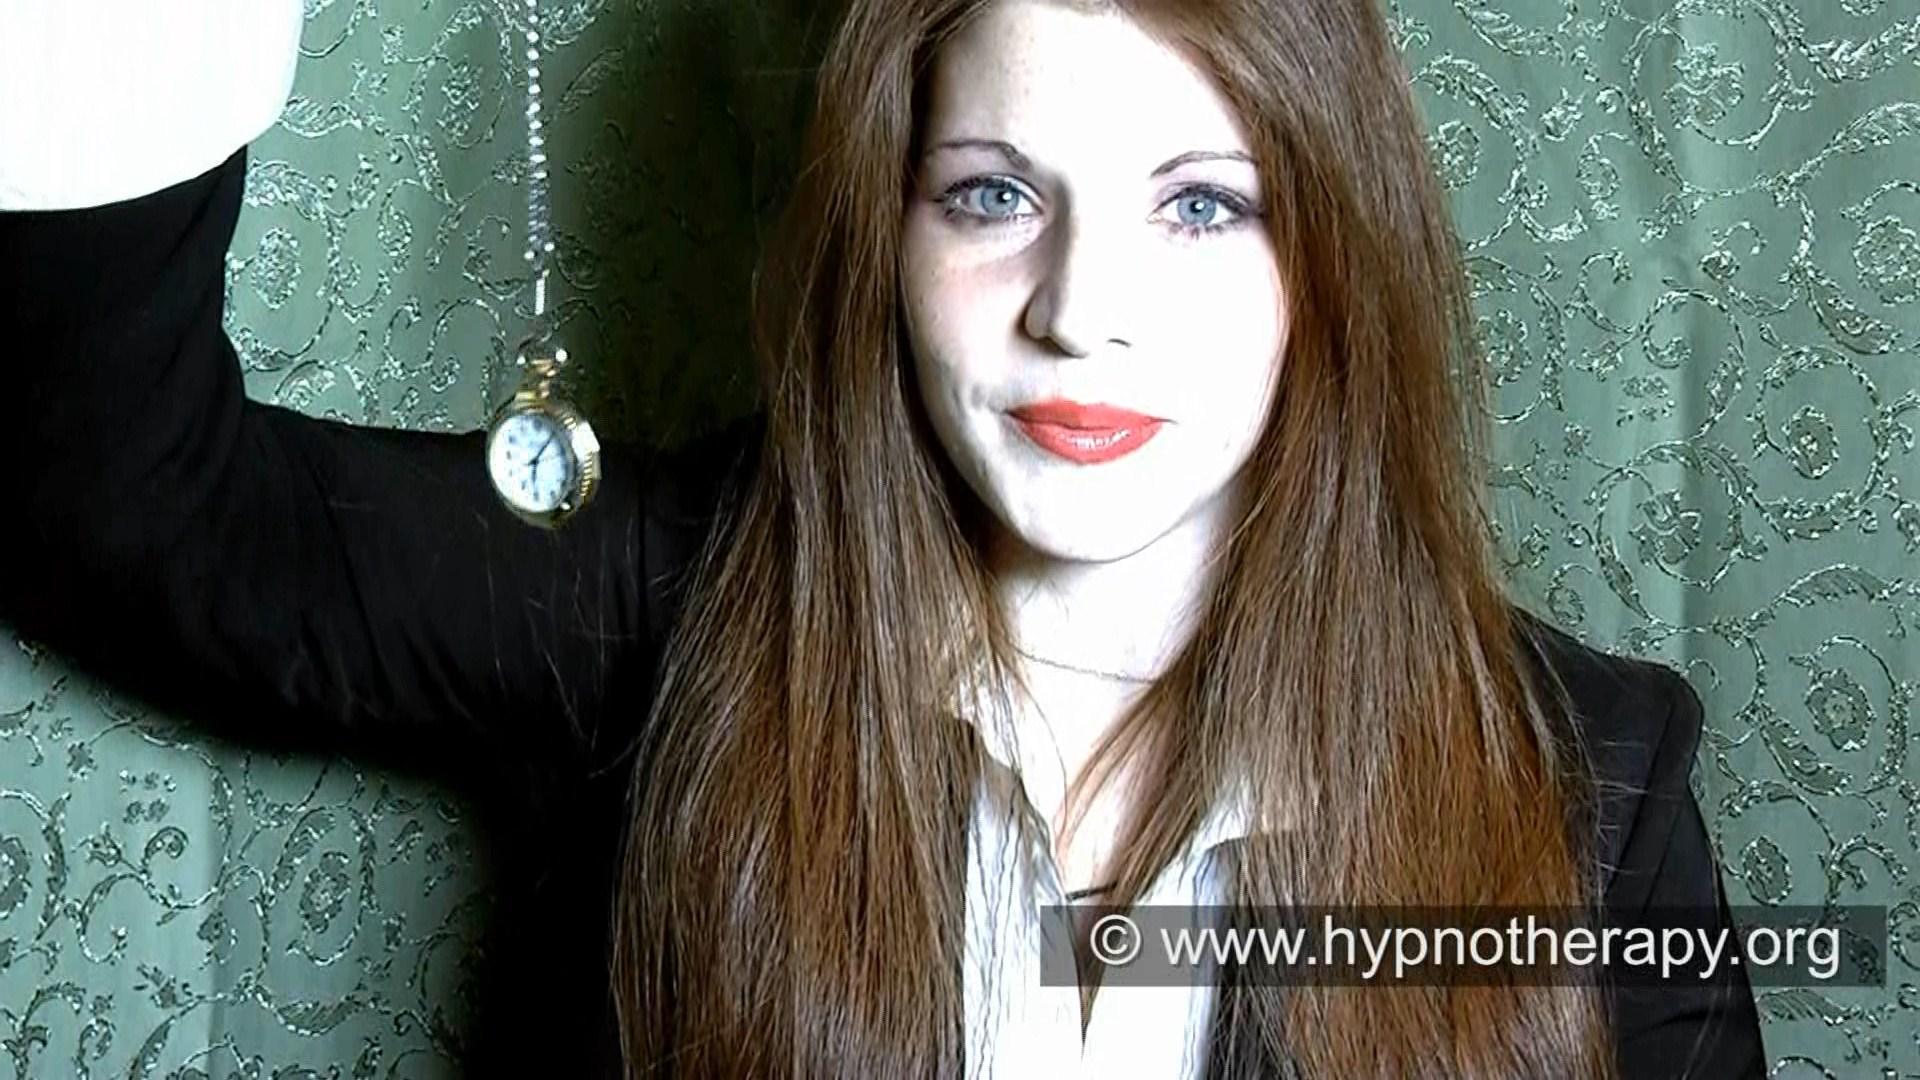 Vidéos d'hypnose érotique